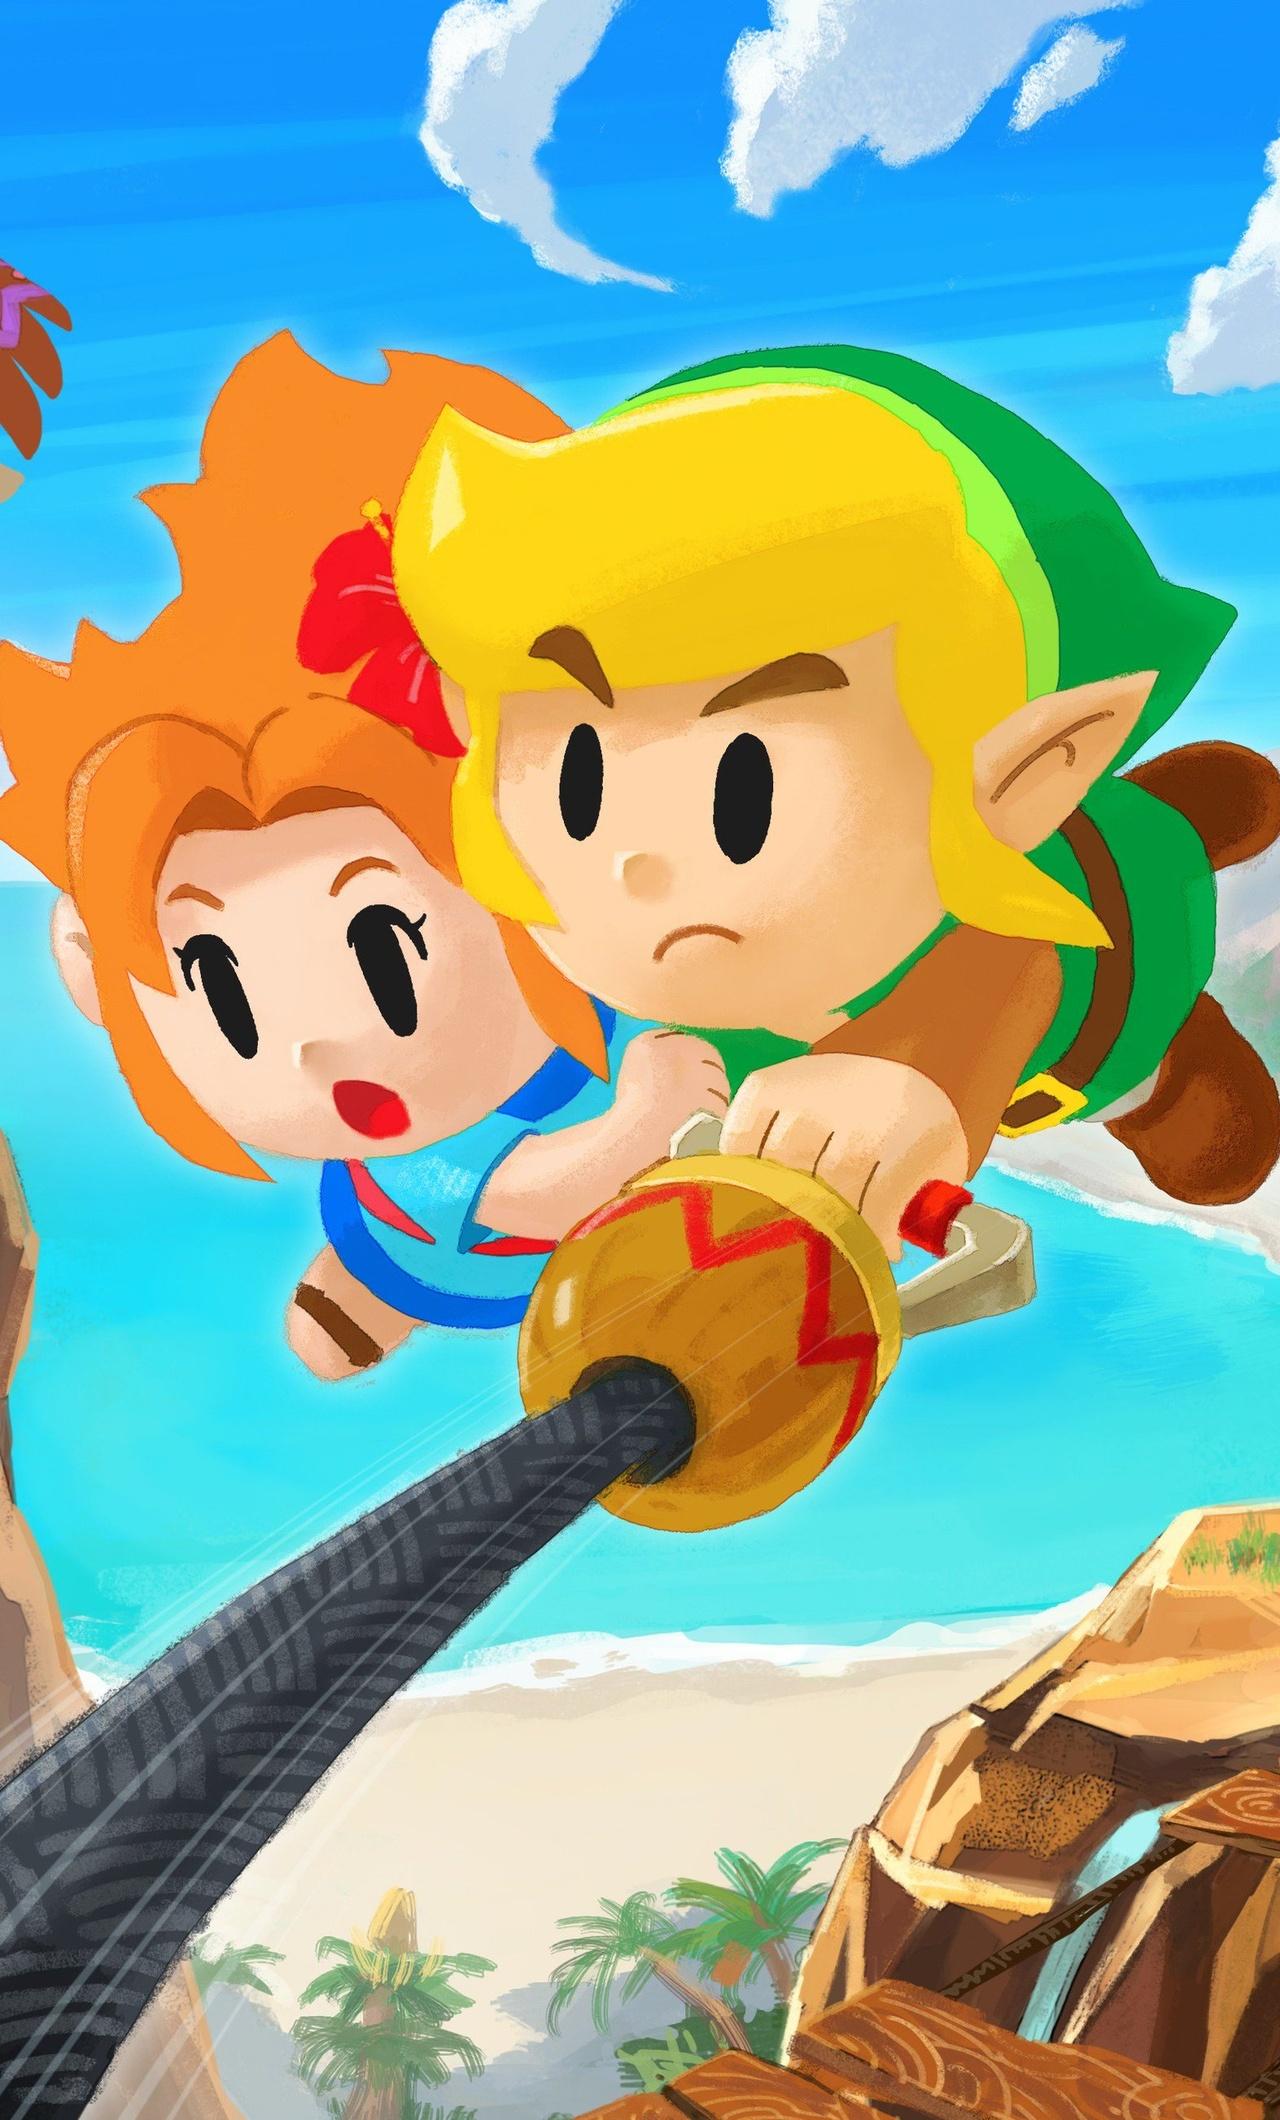 1280x2120 The Legend Of Zelda Links Awakening Iphone 6 Hd 4k